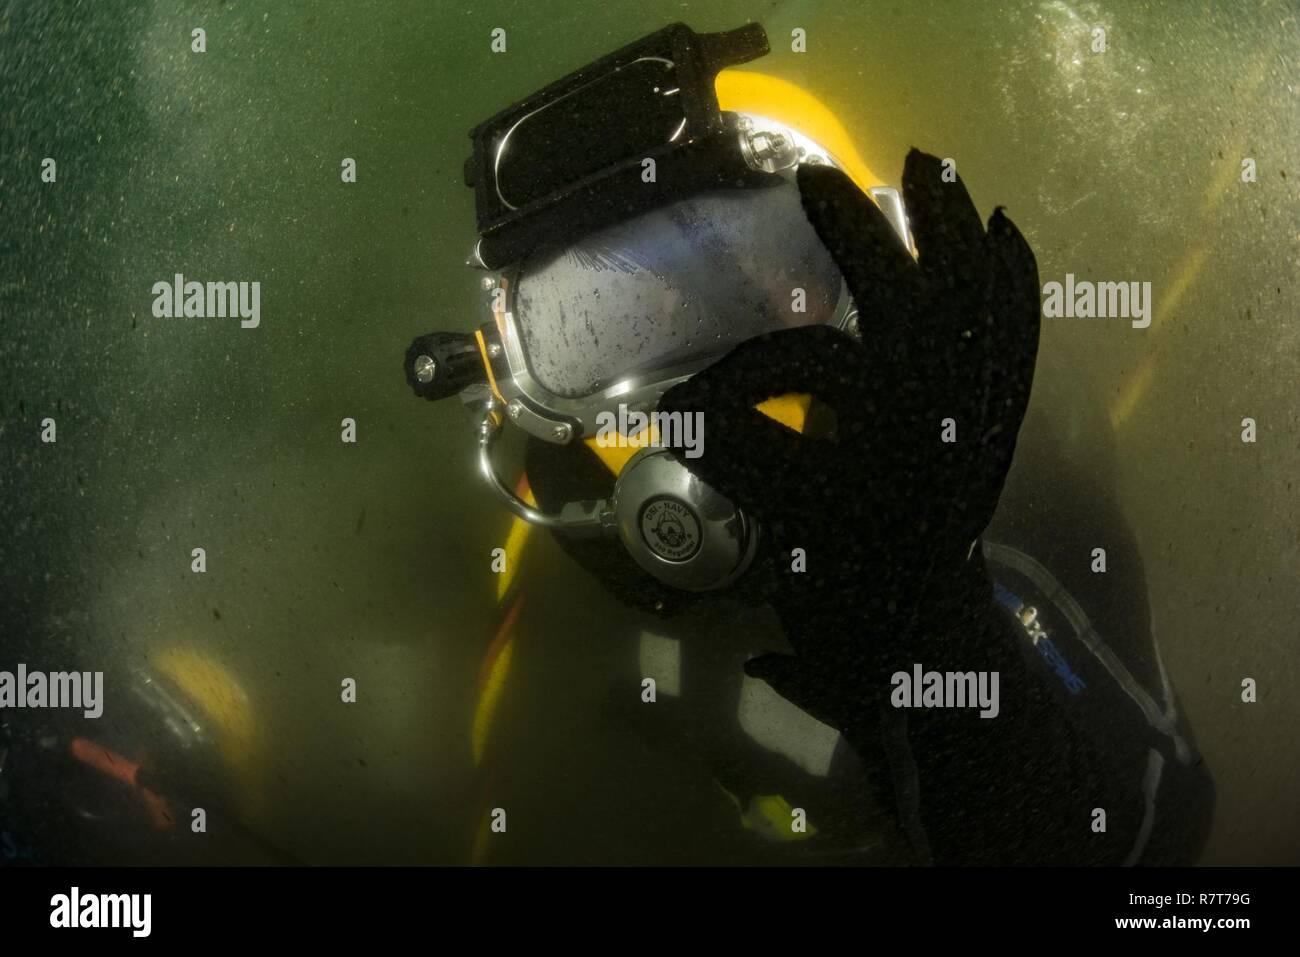 Operatore di apparecchiature di terza classe Thomas Dahlke, assegnato alla costruzione subacquea Team (UCT) 2, dà il segno OK prima di iniziare a bassa visibilità subacquea evoluzione di taglio con un subacqueo assegnati alla Repubblica di Corea (ROK) UCT in Jinhae, Rok, come parte di esercitare il puledro Eagle Aprile 6, 2017. Puledro Eagle è un annuale bilaterale esercizio di formazione progettate per migliorare la disponibilità degli Stati Uniti e le forze di Rok e la loro capacità di lavorare insieme durante una crisi. I marinai di costruzione Dive distacco Charlie sono sulla seconda tappa della loro distribuzione dove sono le ispezioni, maintena Immagini Stock